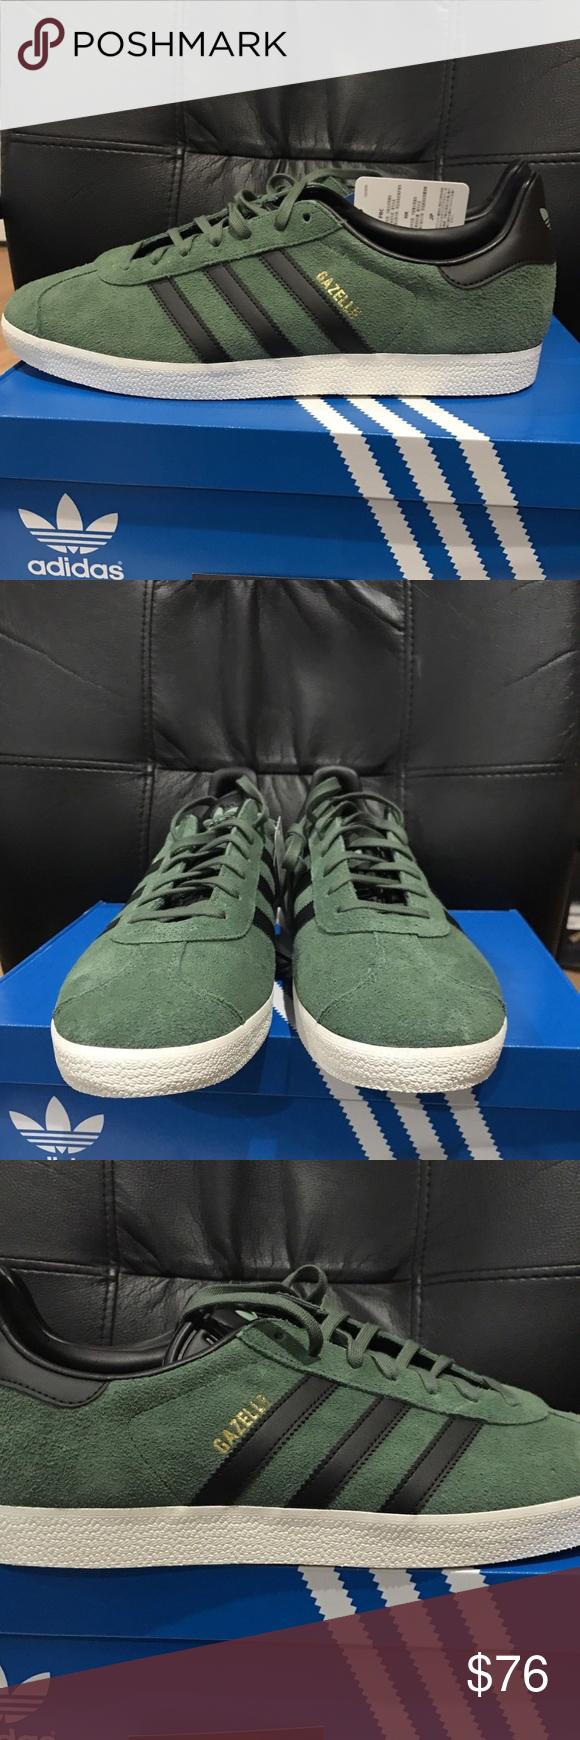 Gli Uomini È Adidas Sz Originali Gazzella Scarpe Verdi Sz Adidas 13 Nwt Le Adidas e2bd5a